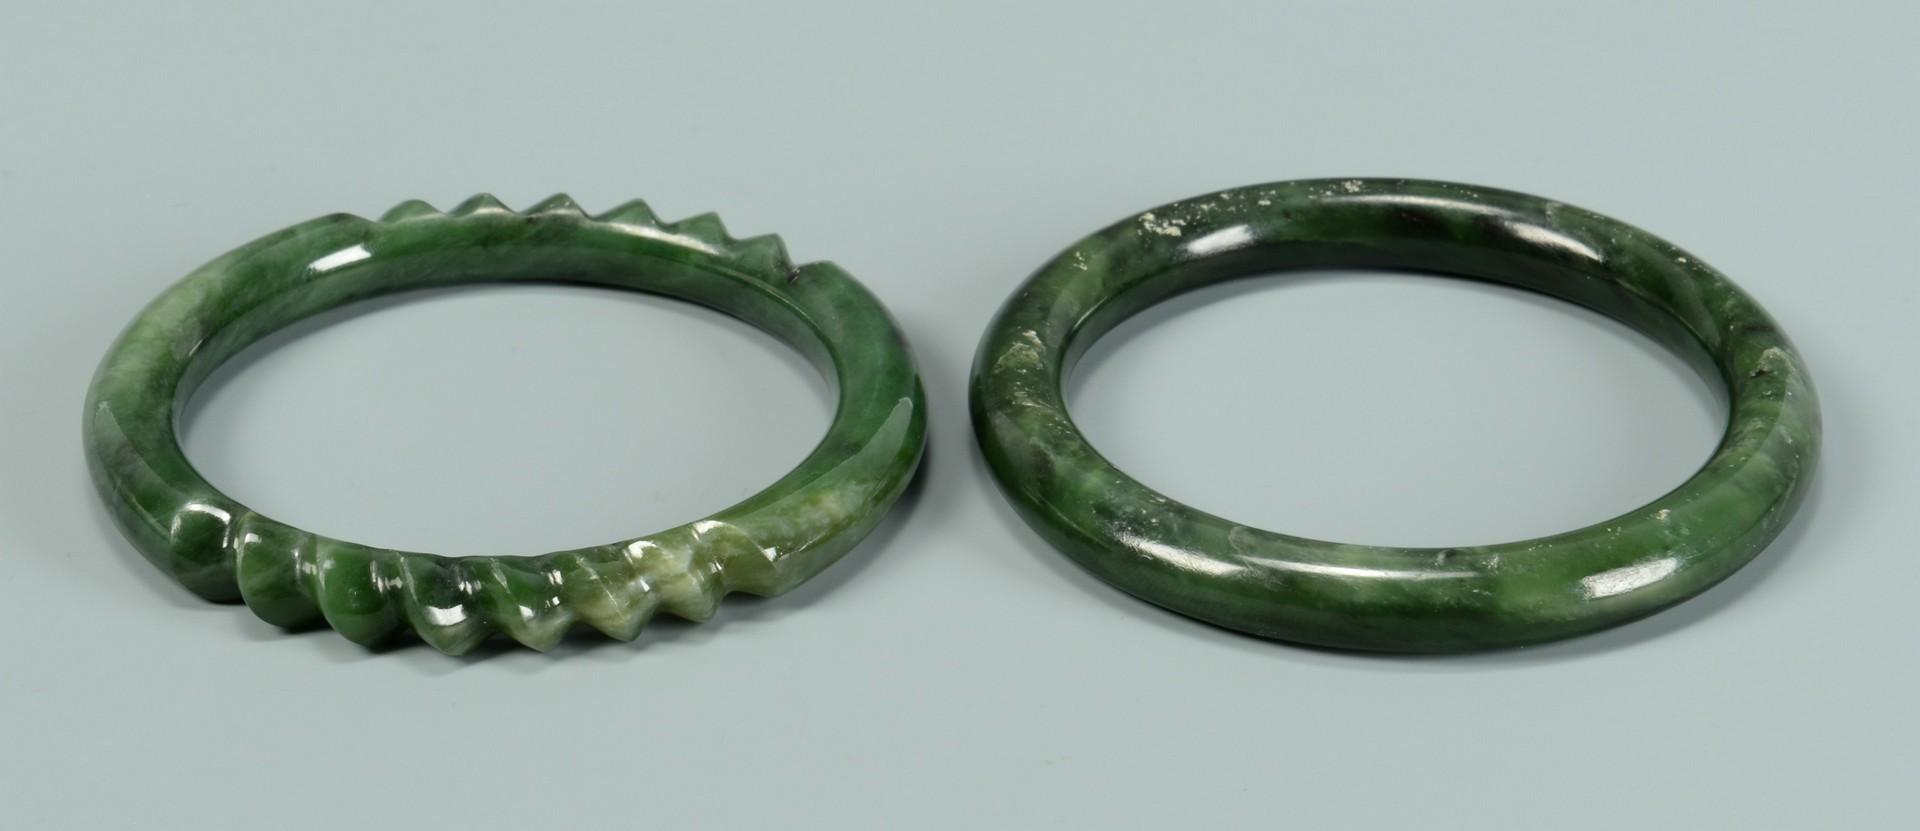 Lot 3383247: Two (2) Asian Jade Bracelets